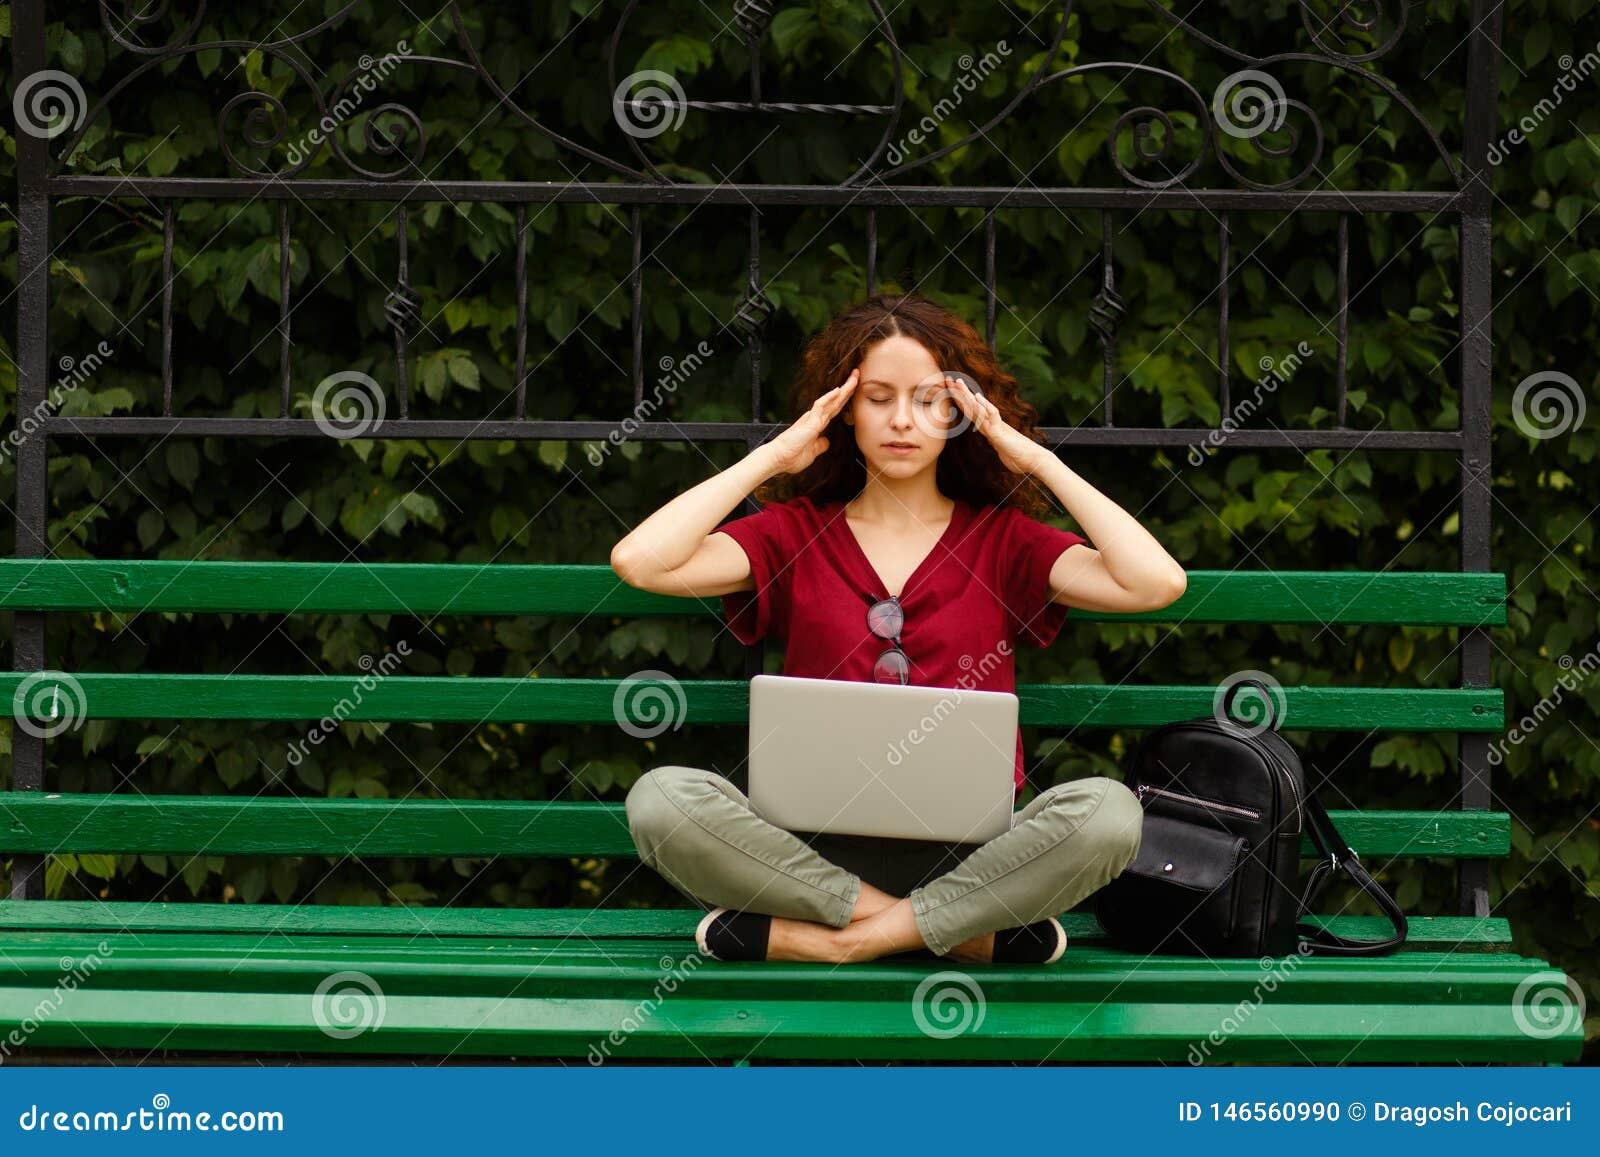 En lockig ung kvinna med stängda ögon som arbetar på en bärbar dator som placeras på en grön bänk parkerar in, touche hennes temp